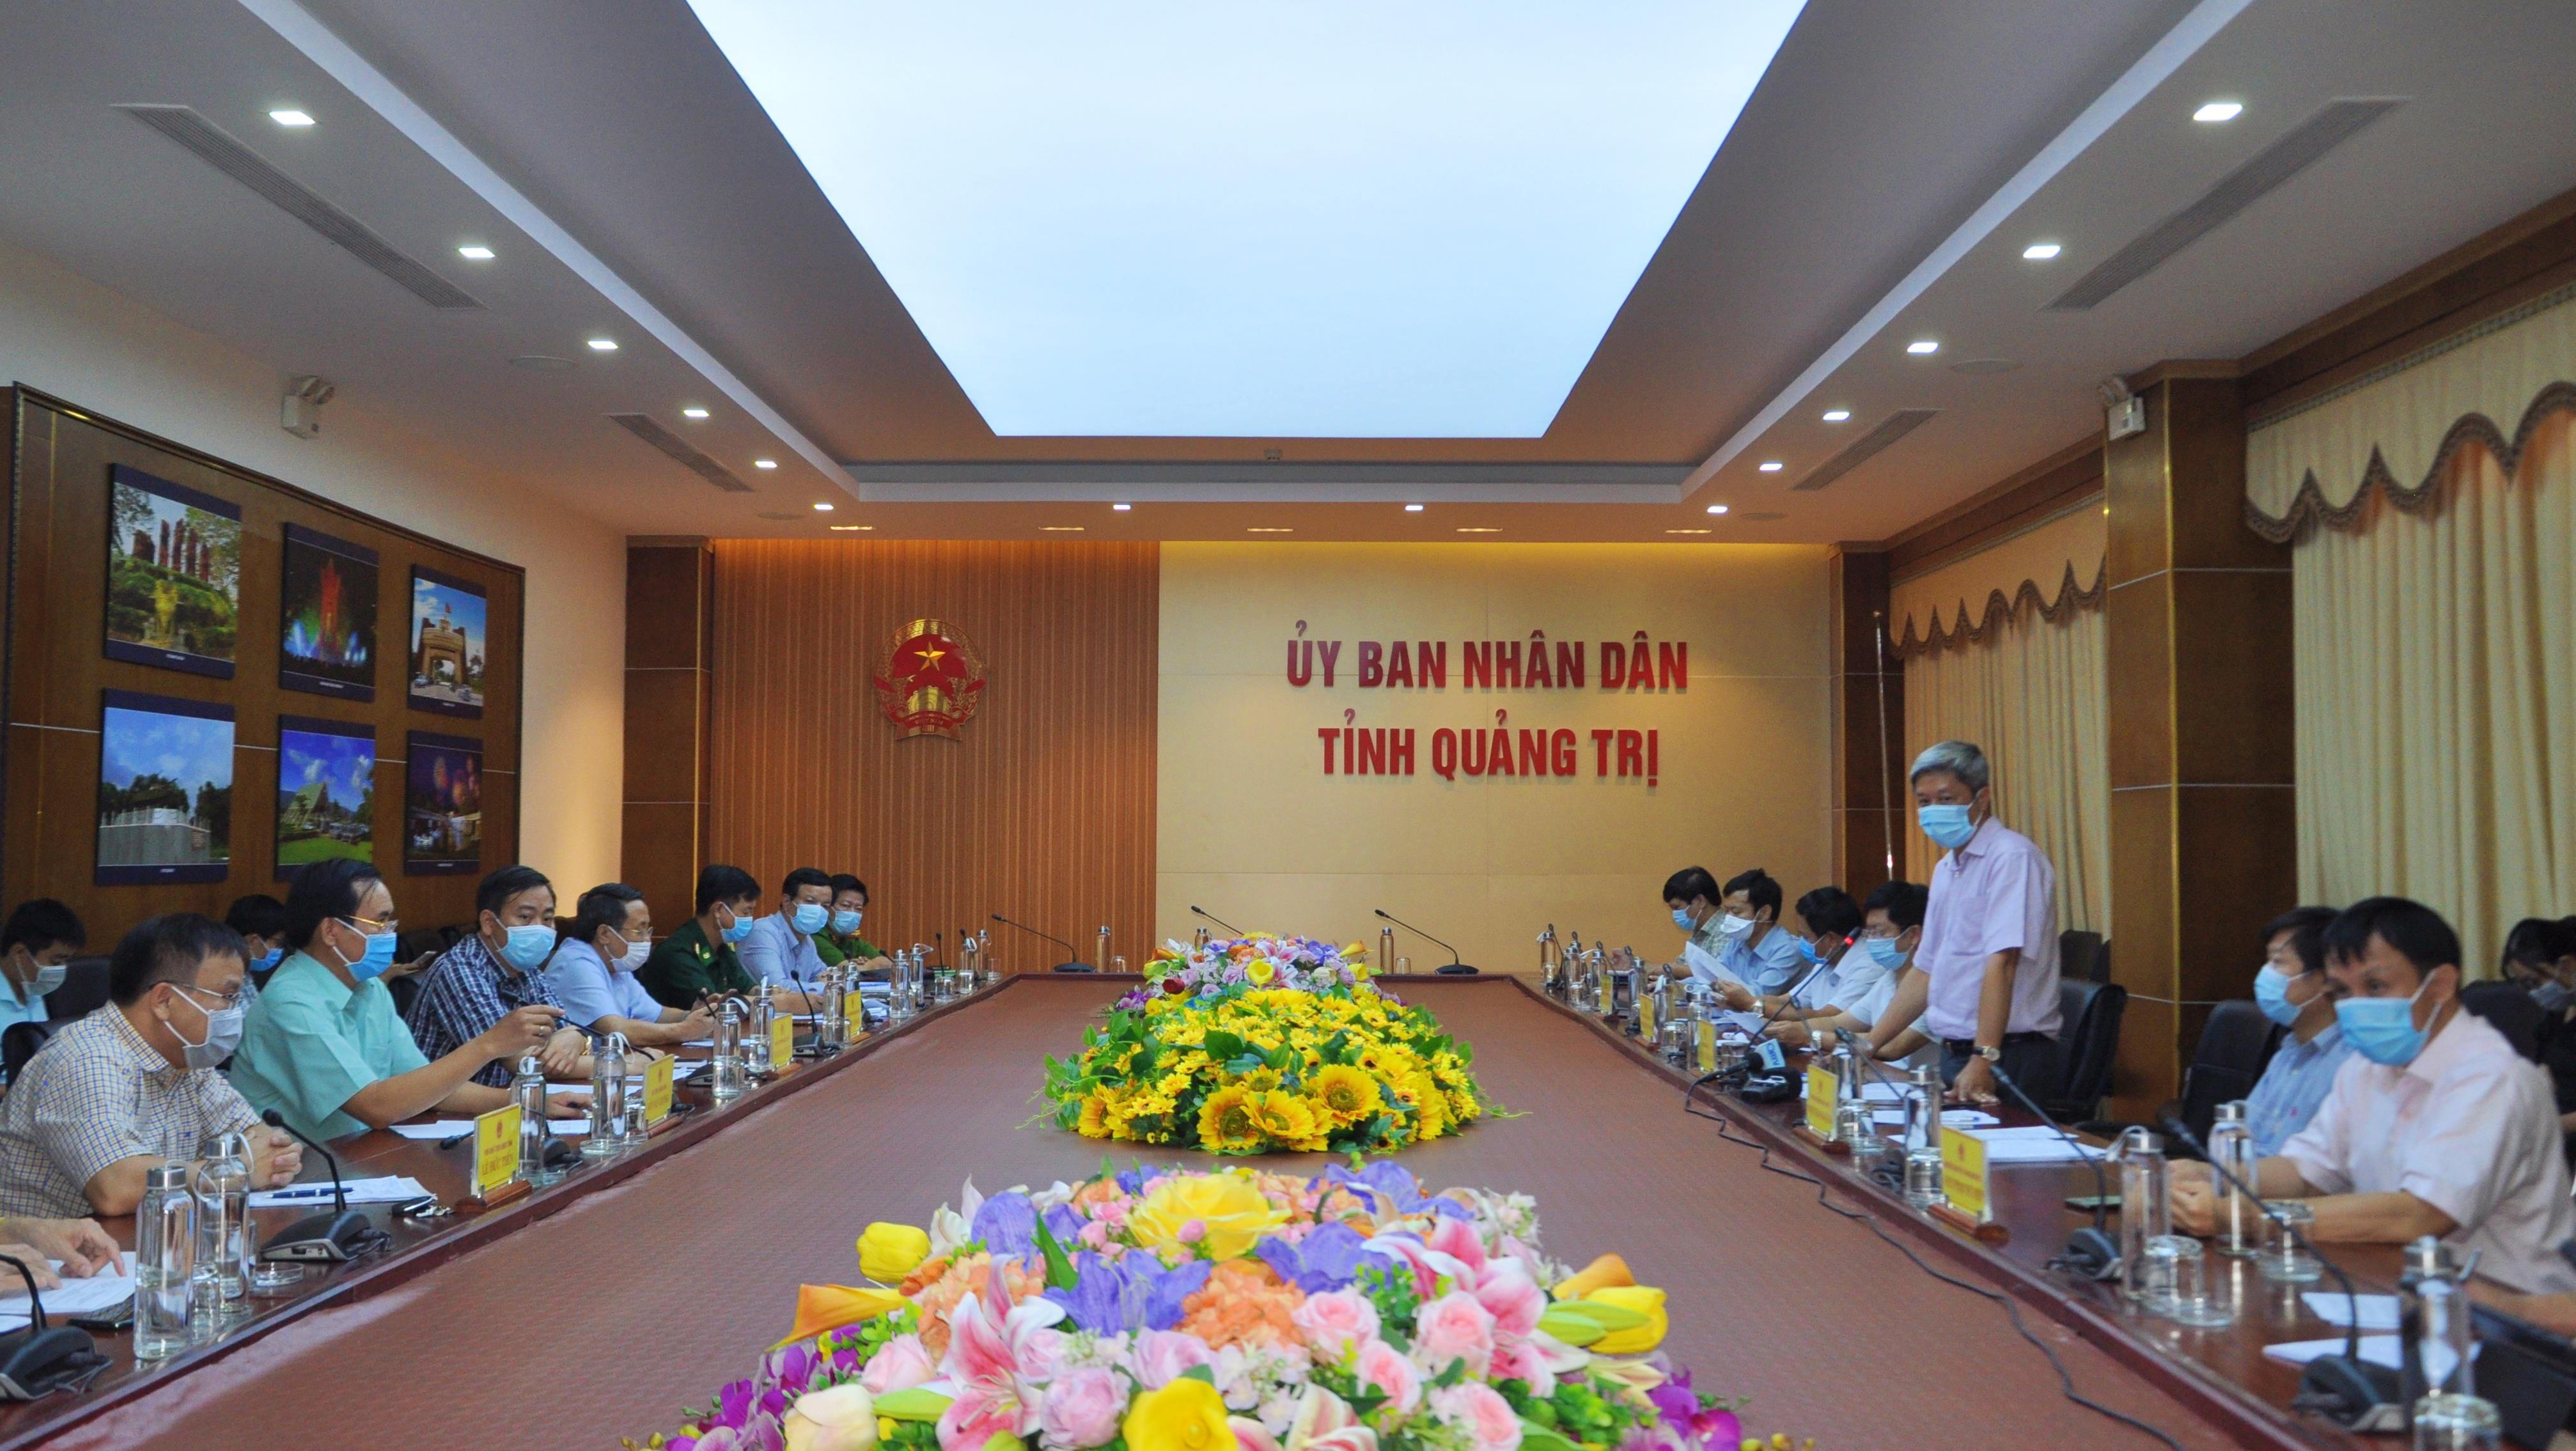 Thứ trưởng Bộ Y tế Nguyễn Trường Sơn làm việc với lãnh đạo tỉnh Quảng Trị về công tác phòng, chống dịch COVID -19 trên địa bàn